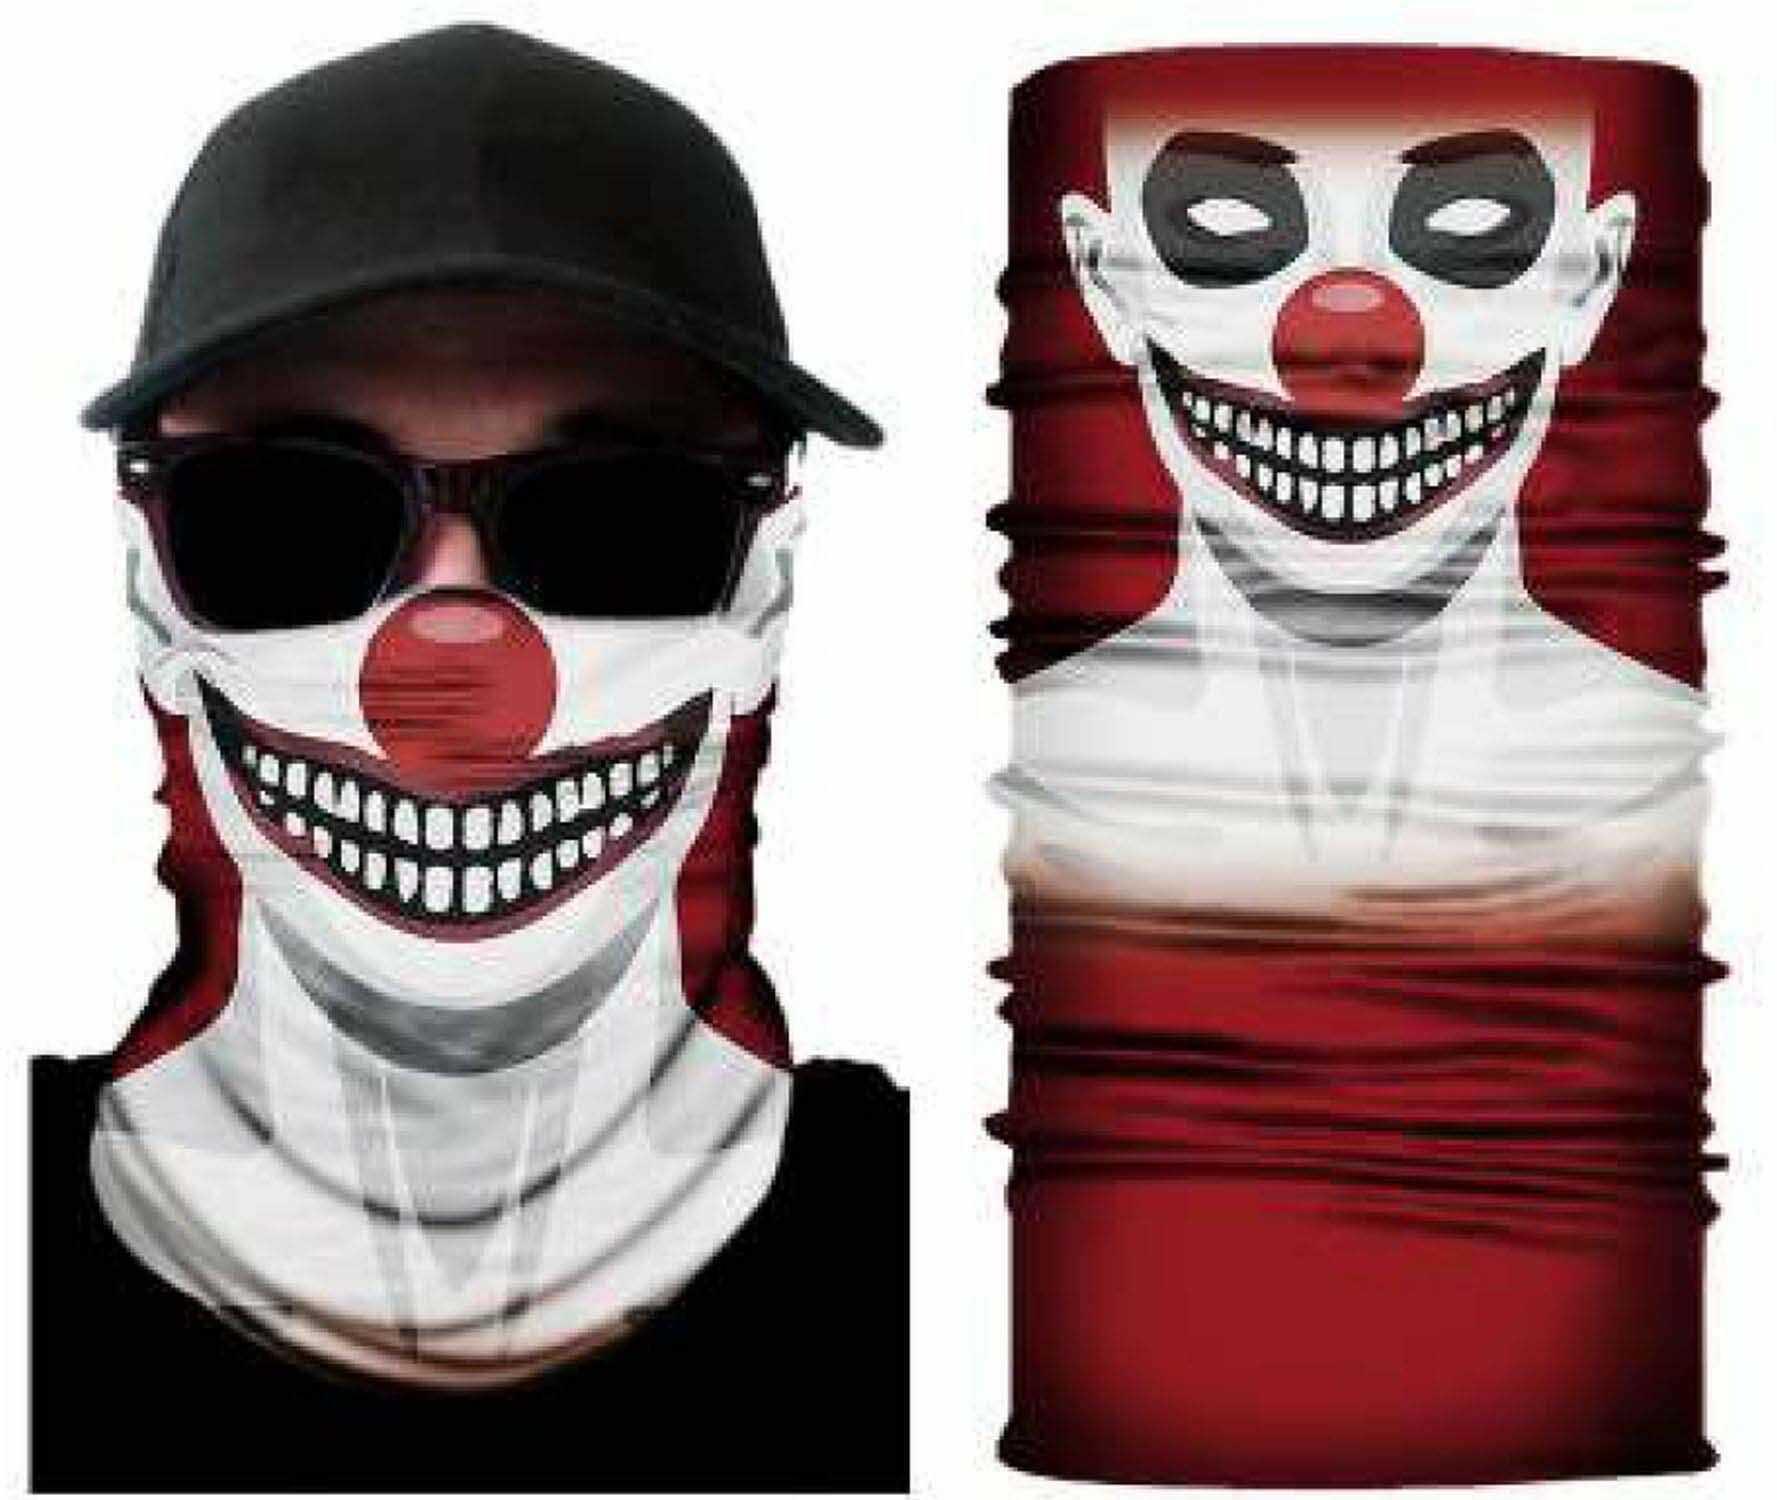 Zoelibat 97645441.521 - komin clown, chusta wielofunkcyjna, chusta na szyję, szal, motyw, ochrona ust, maska narciarska, maska motocyklowa, impreza tematyczna, karnawał, Halloween